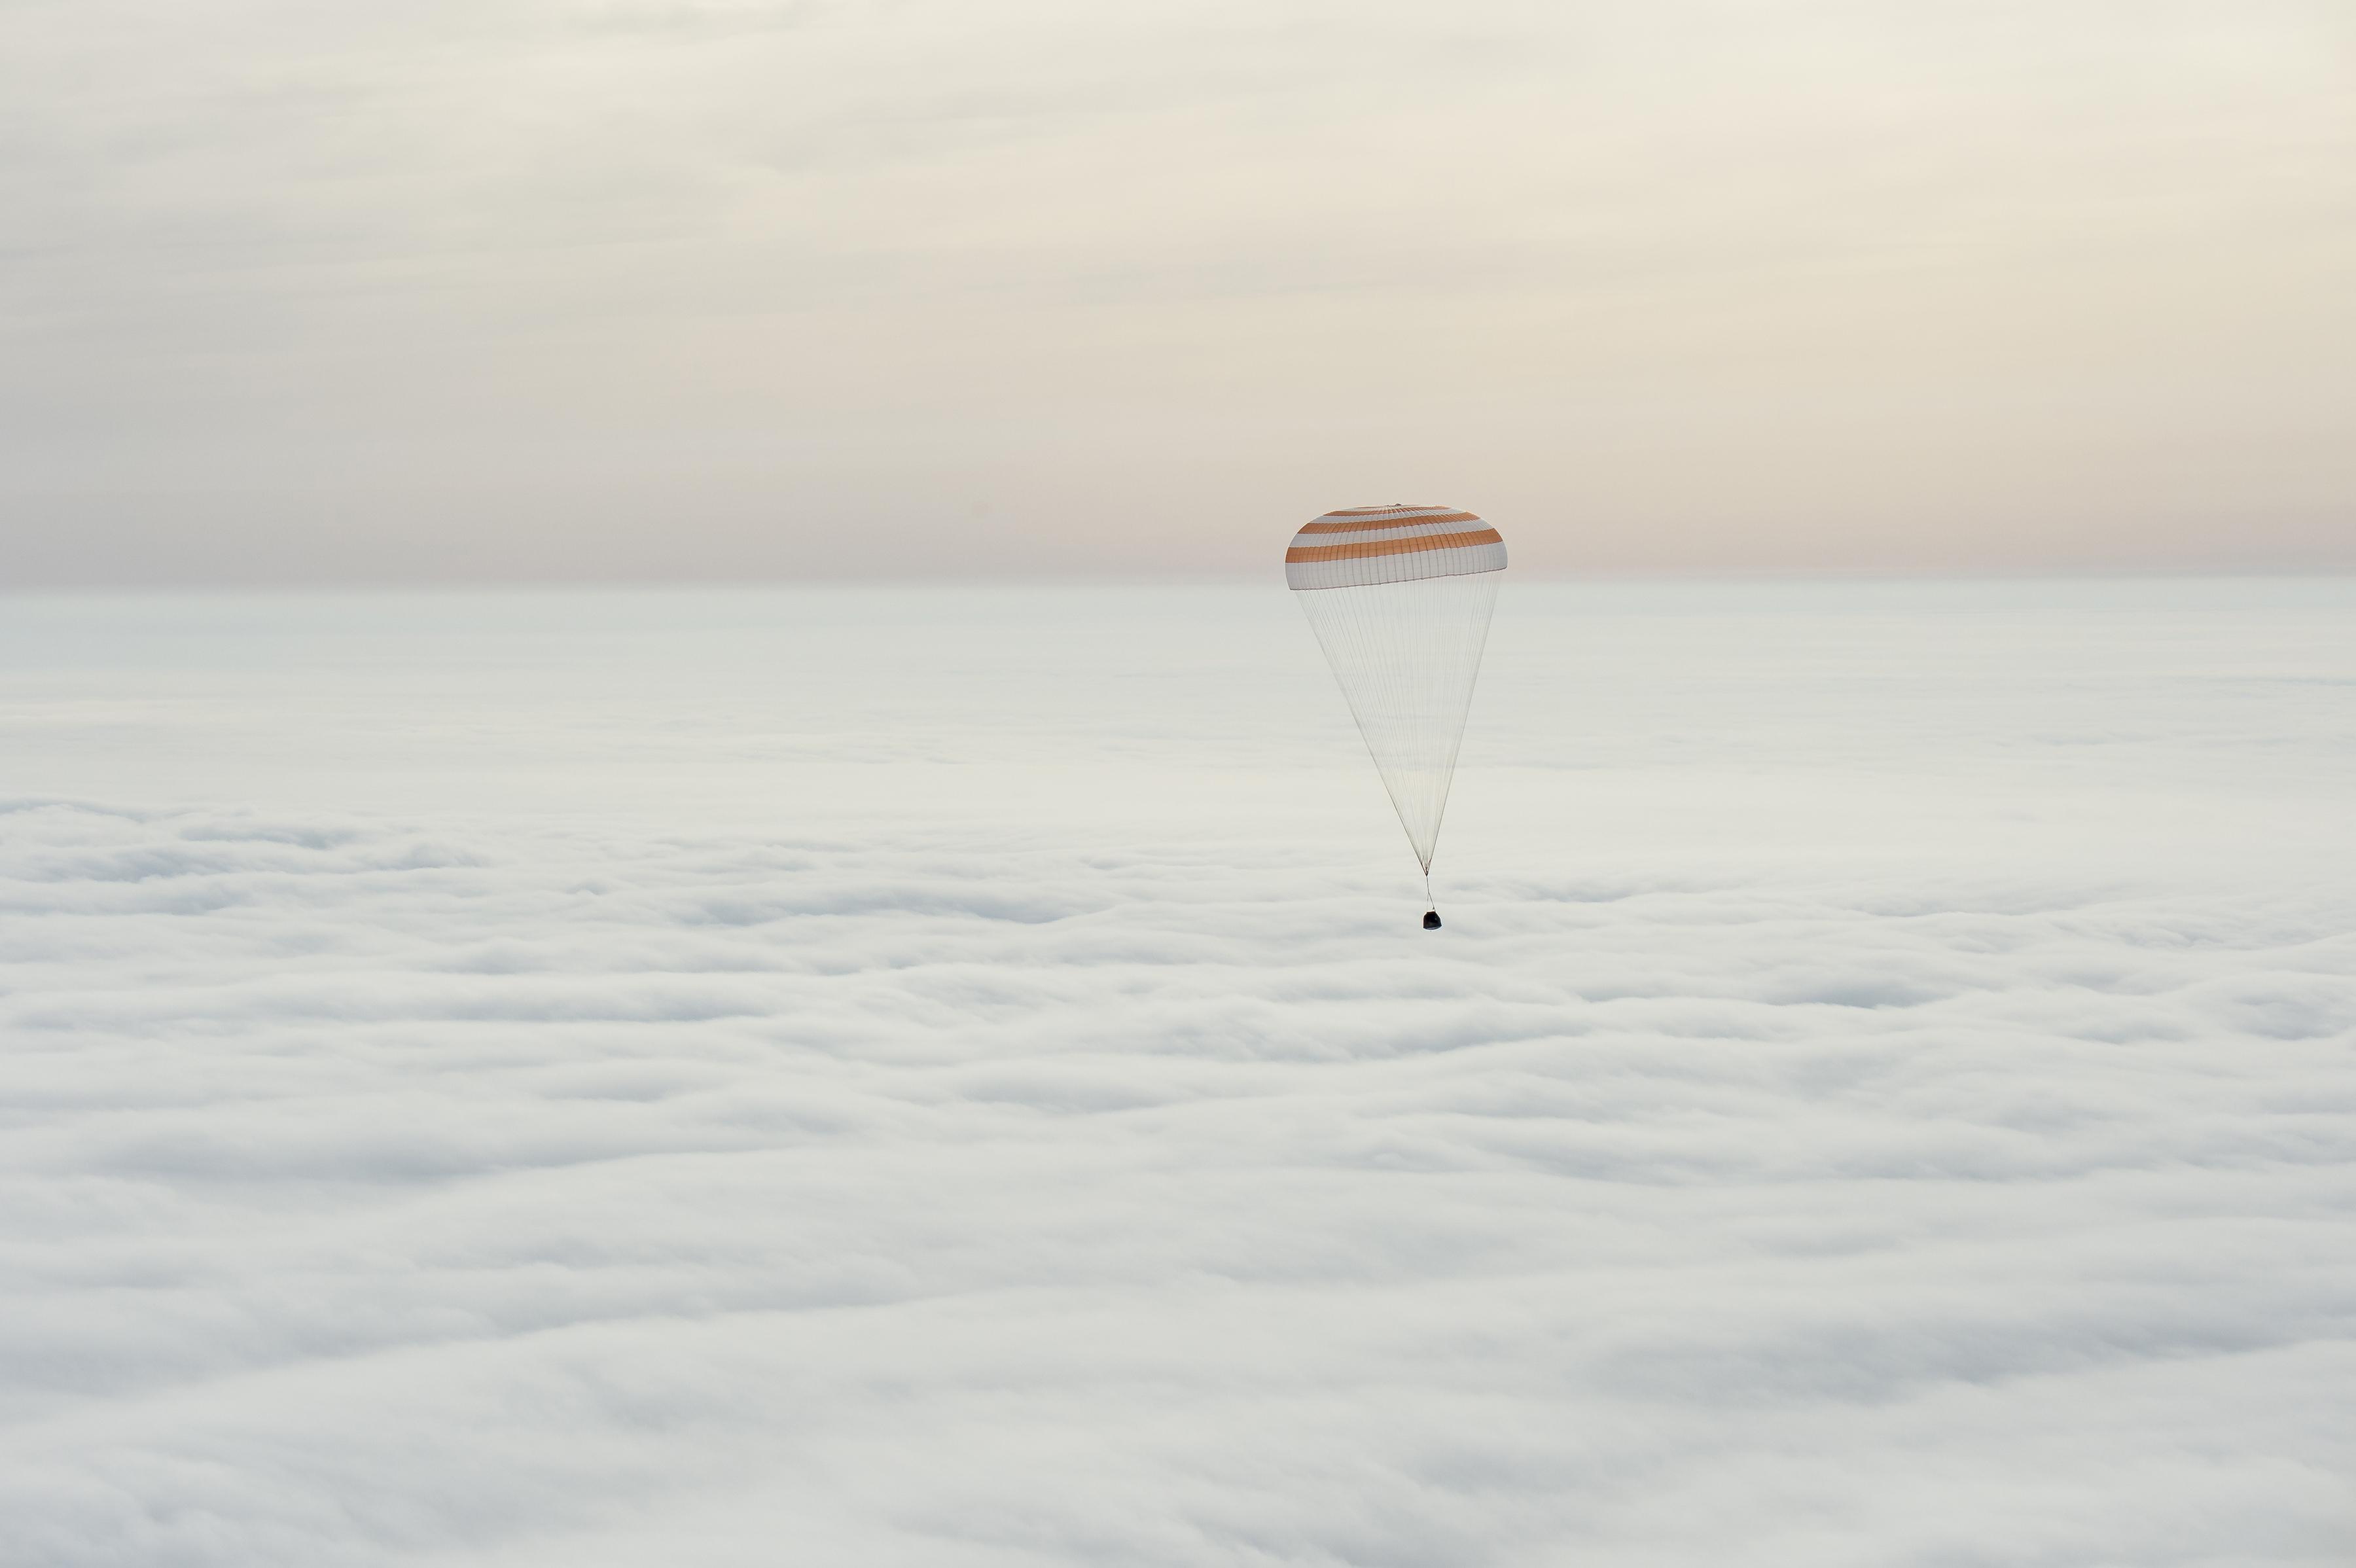 Kelly y los cosmonautas Mikhail Kornienko y Sergey Volkov regresaron a la Tierra en esta cápsula el 2 de marzo de 2016. (Bill Ingalls/NASA via The New York Times)